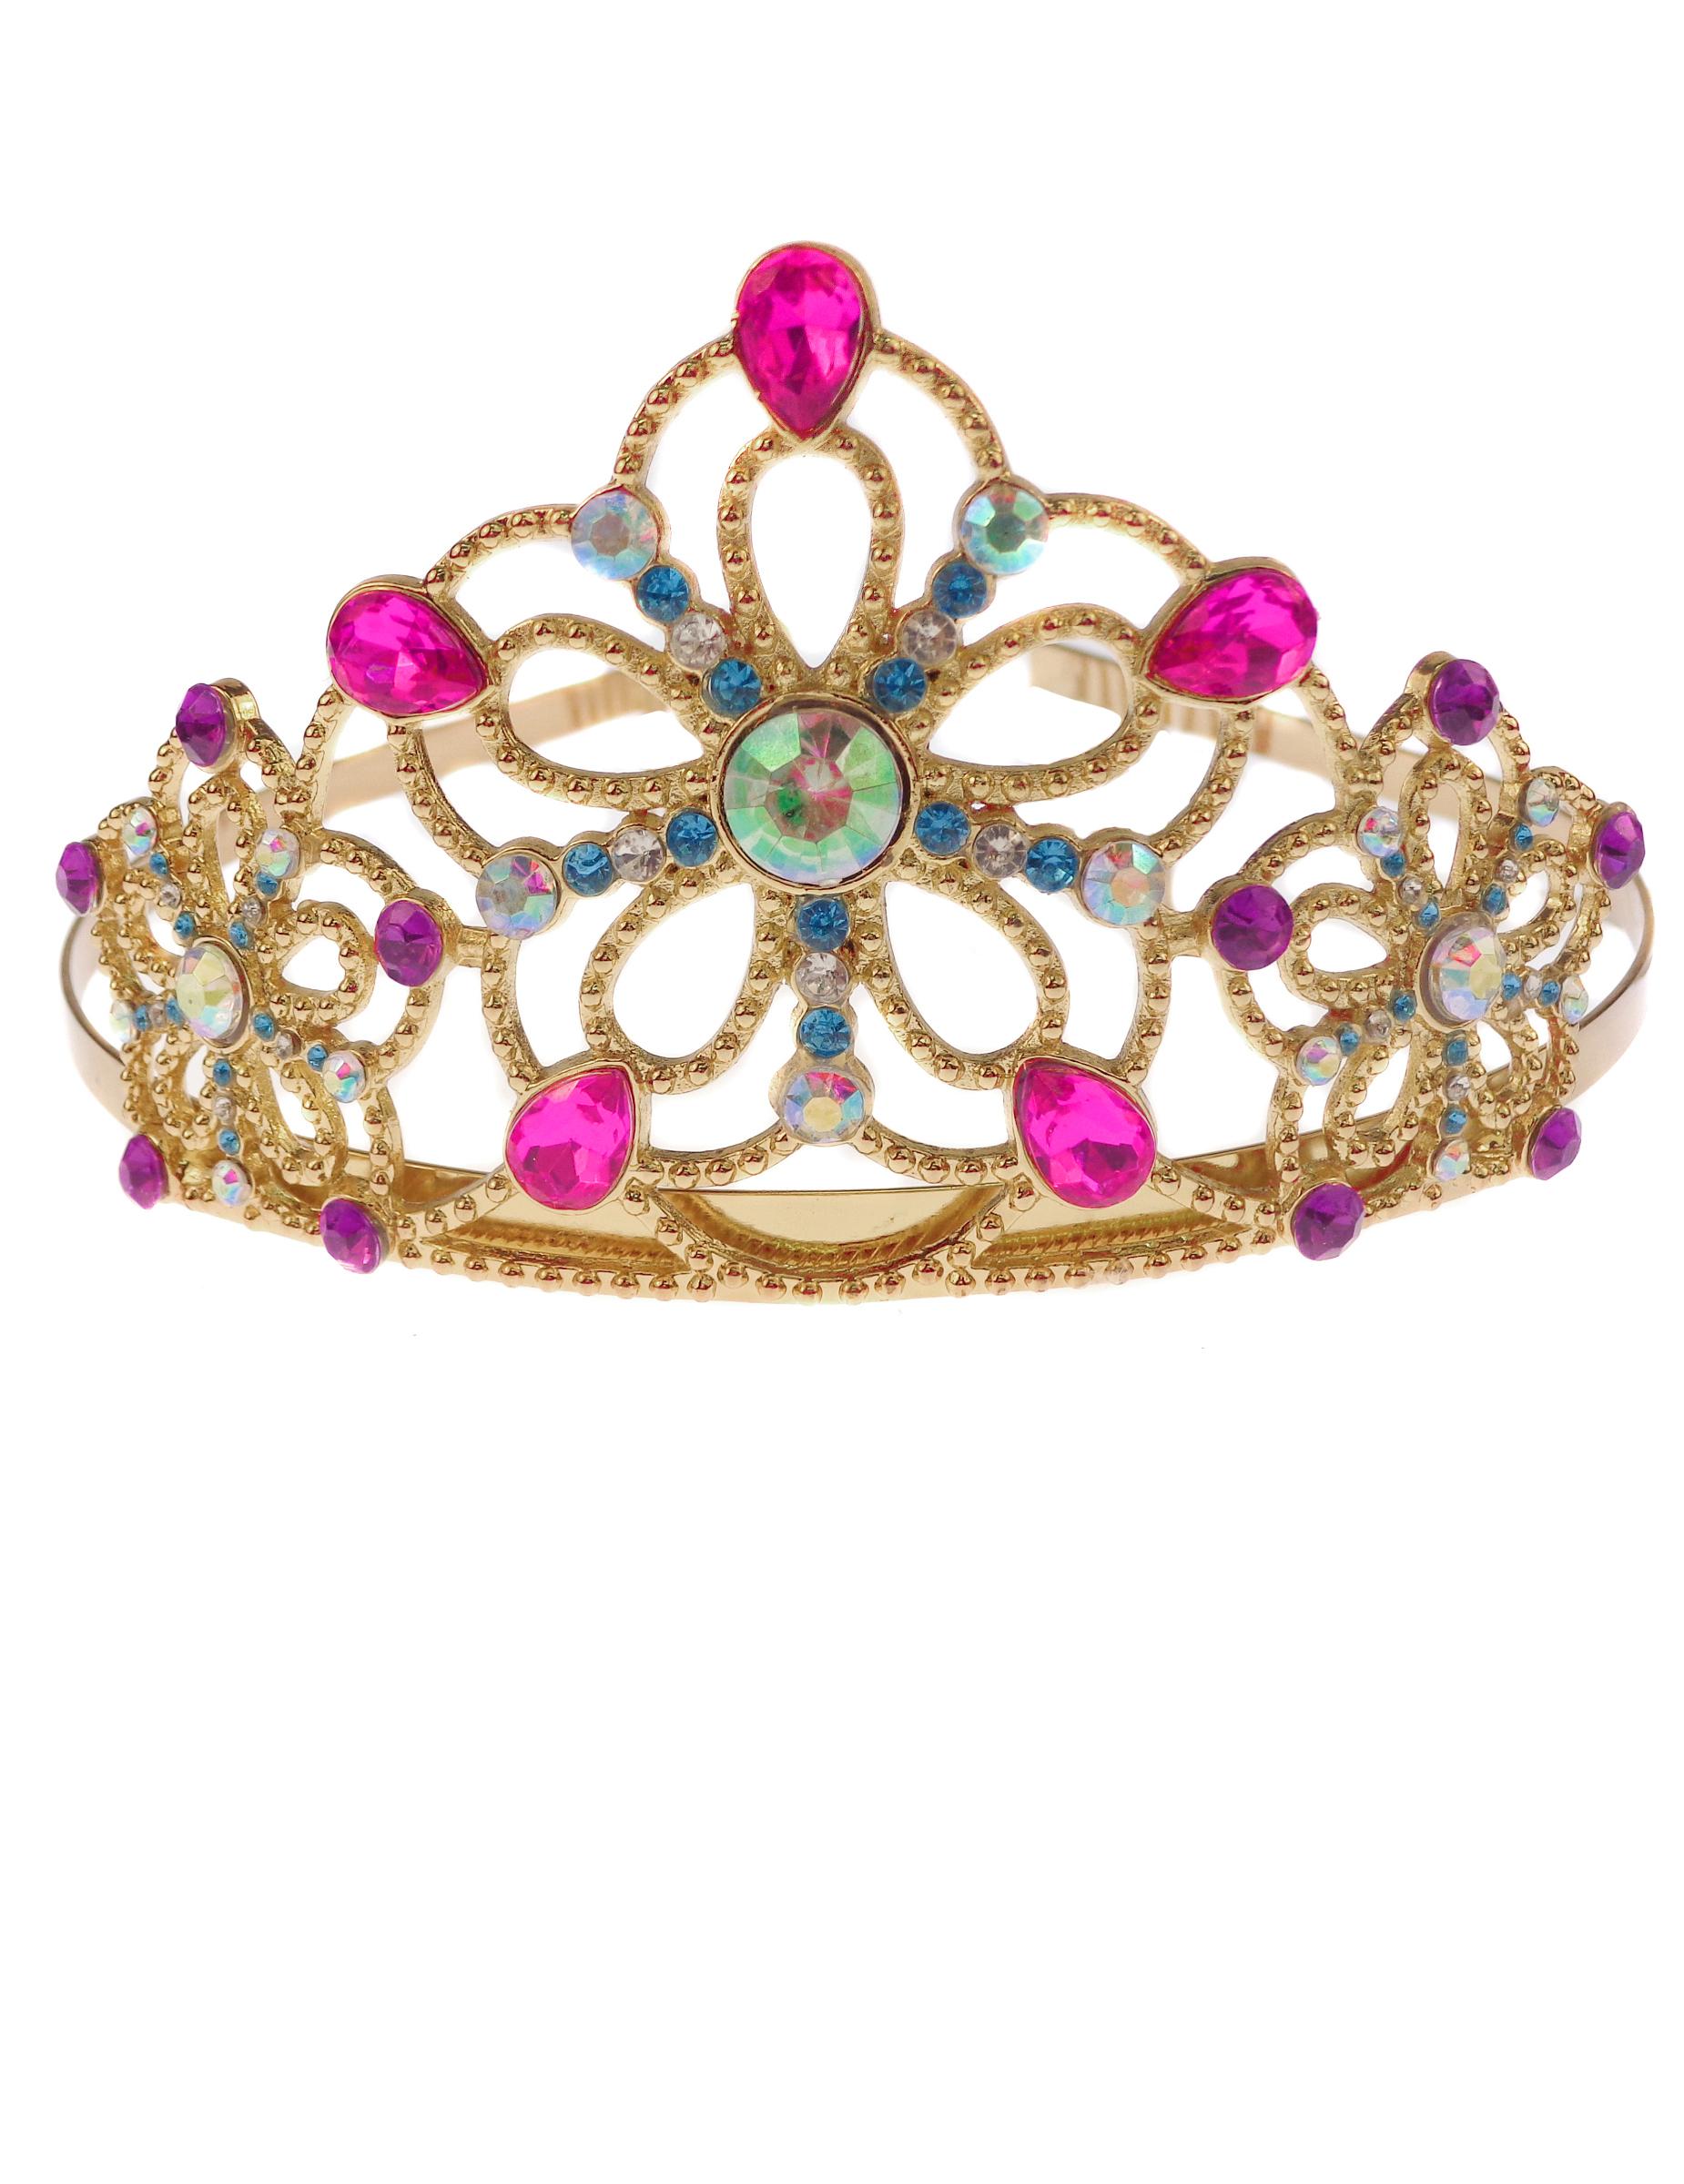 Prinzessinnen Krone Fur Madchen Gold Gunstige Faschings